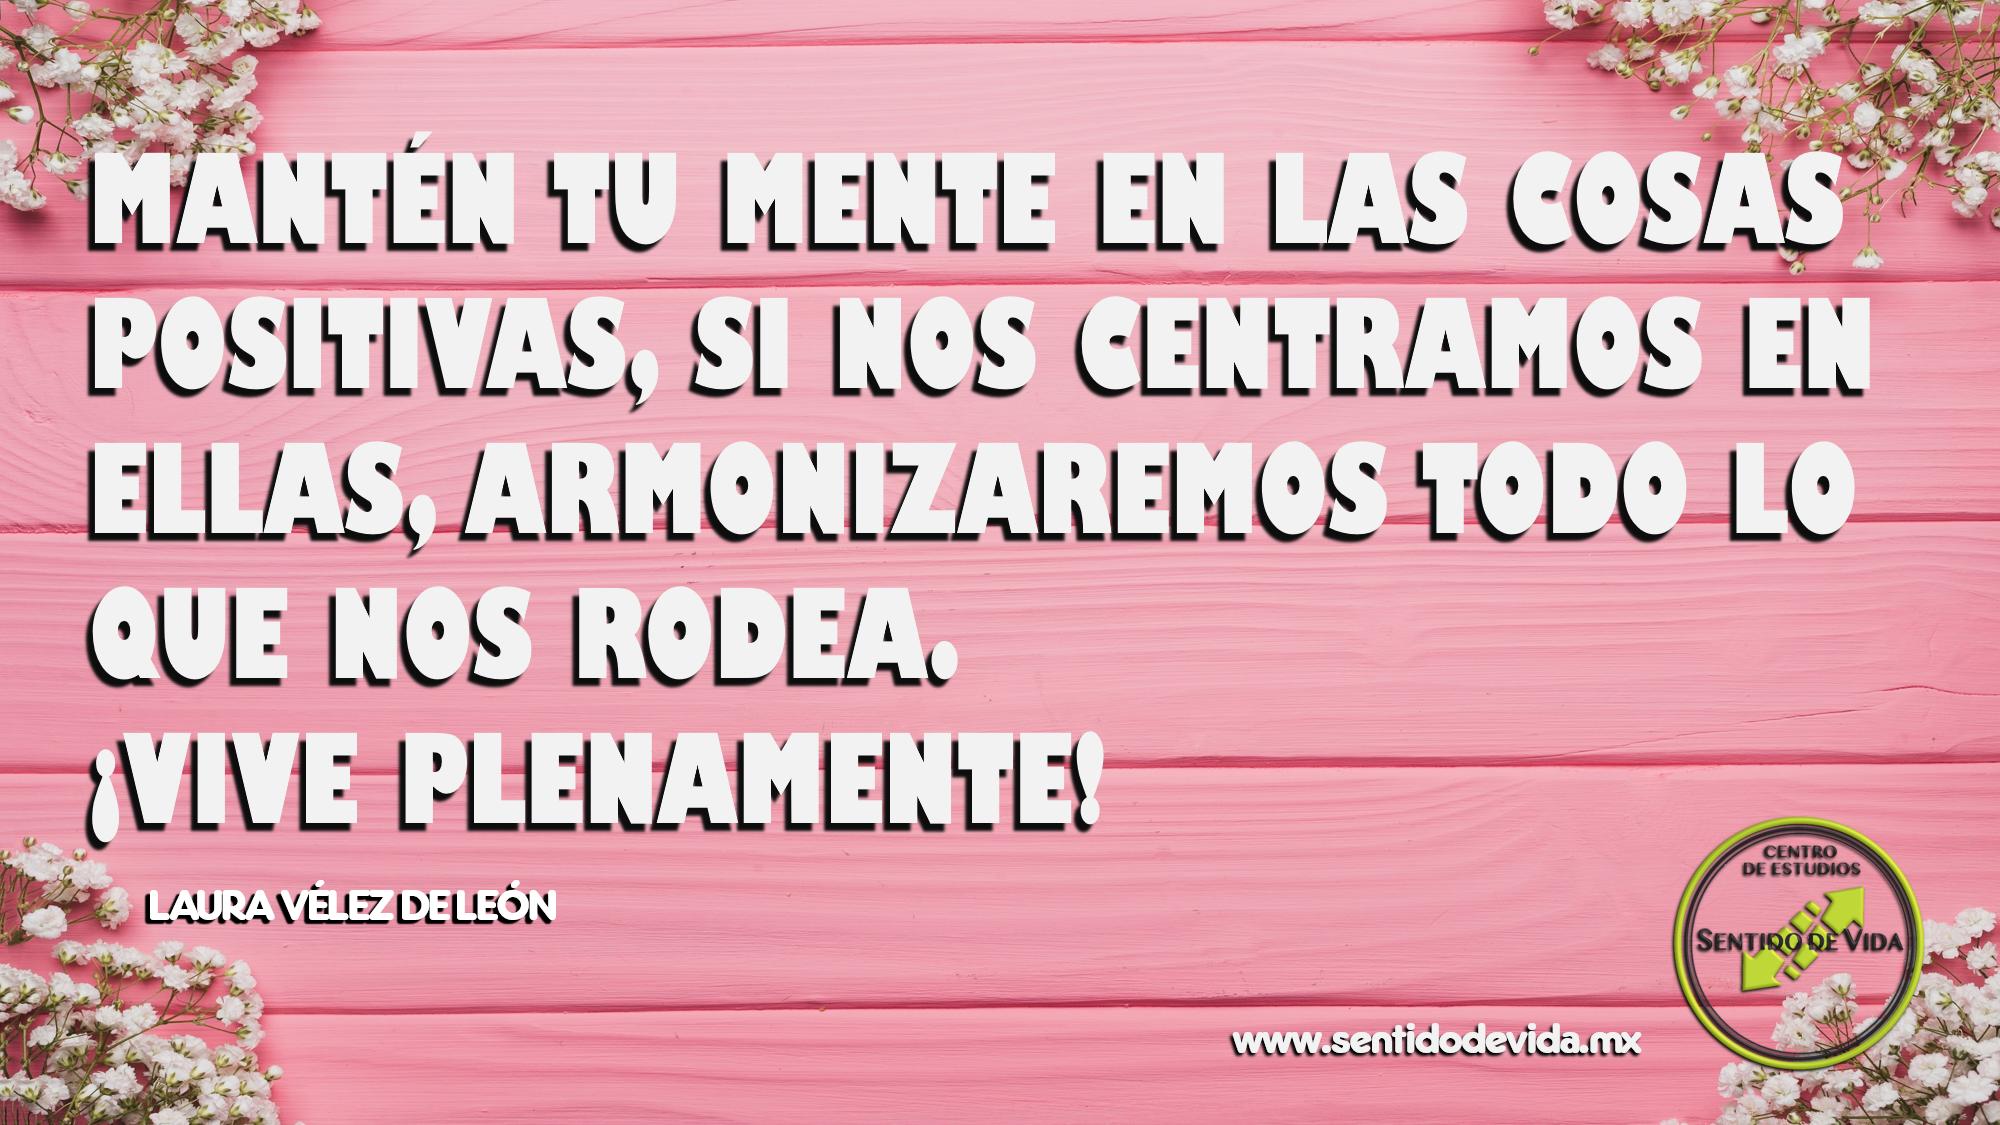 No te contamines de pensamientos que pueden obscurecer tu día…  Logoterapeuta Laura Vélez de León Directora del Centro de Estudios para el Sentido de Vida S.C. www.sentidodevida.mx